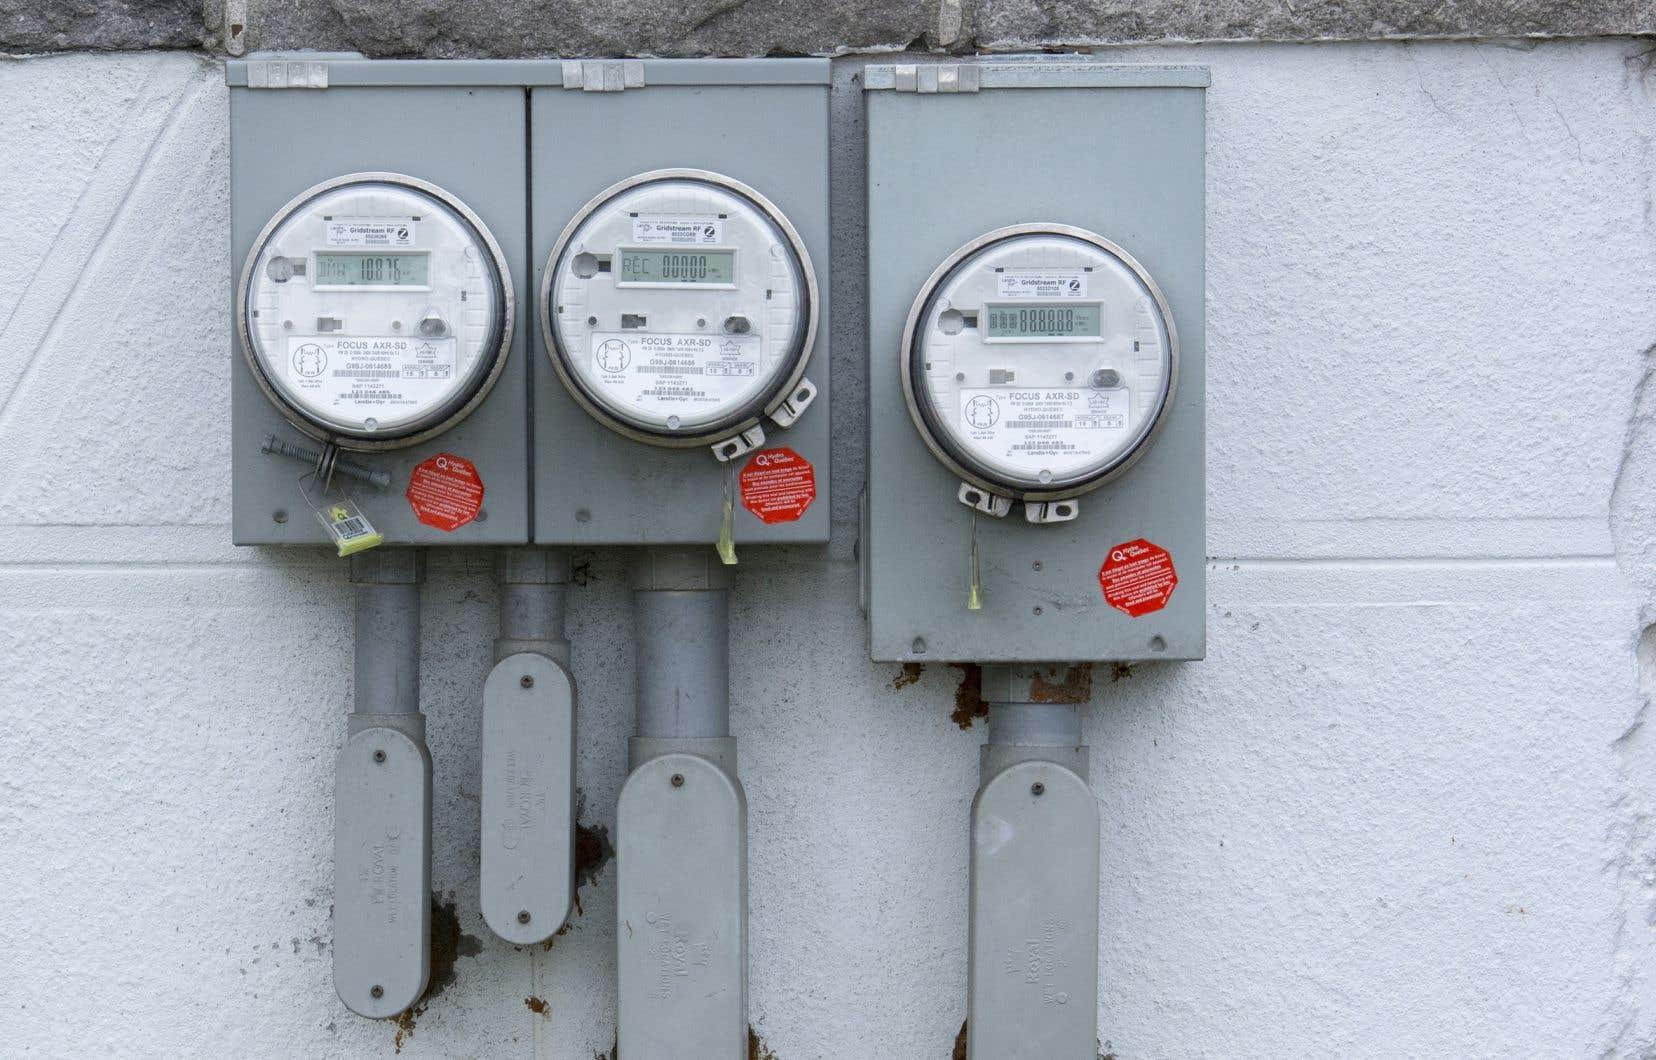 La modulation des tarifs est à l'électricité ce que le ticket modérateur est à la santé: un frein pour les personnes qui sont dans l'incapacité de choisir, un piège pour les moins nantis, une prime de plus pour les élites économiques.